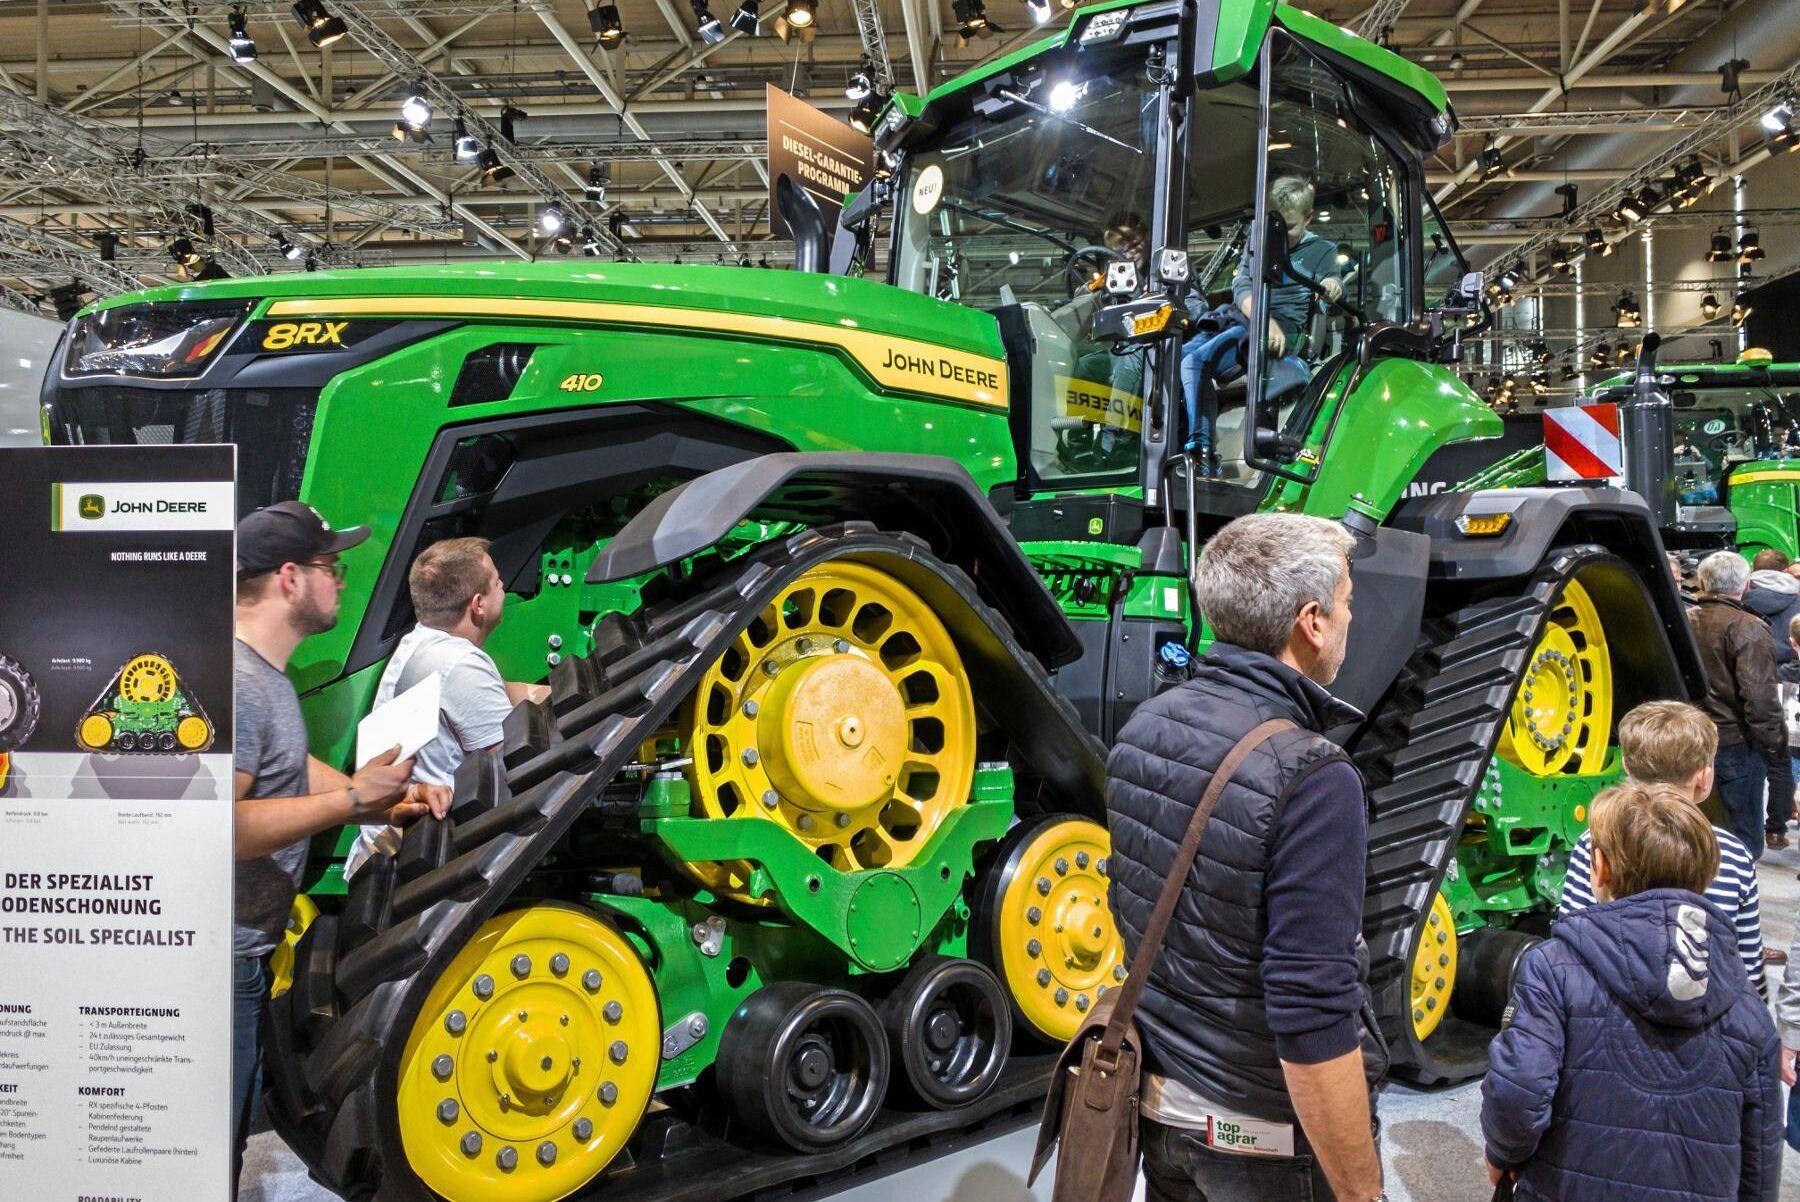 På mässorna är det tydligt att många barn drömmer om stora maskiner. Men vad är egentligen en bra ålder för att börja, kanske inte med en så här stor traktor, utan en mer vanlig lantbrukstraktor?